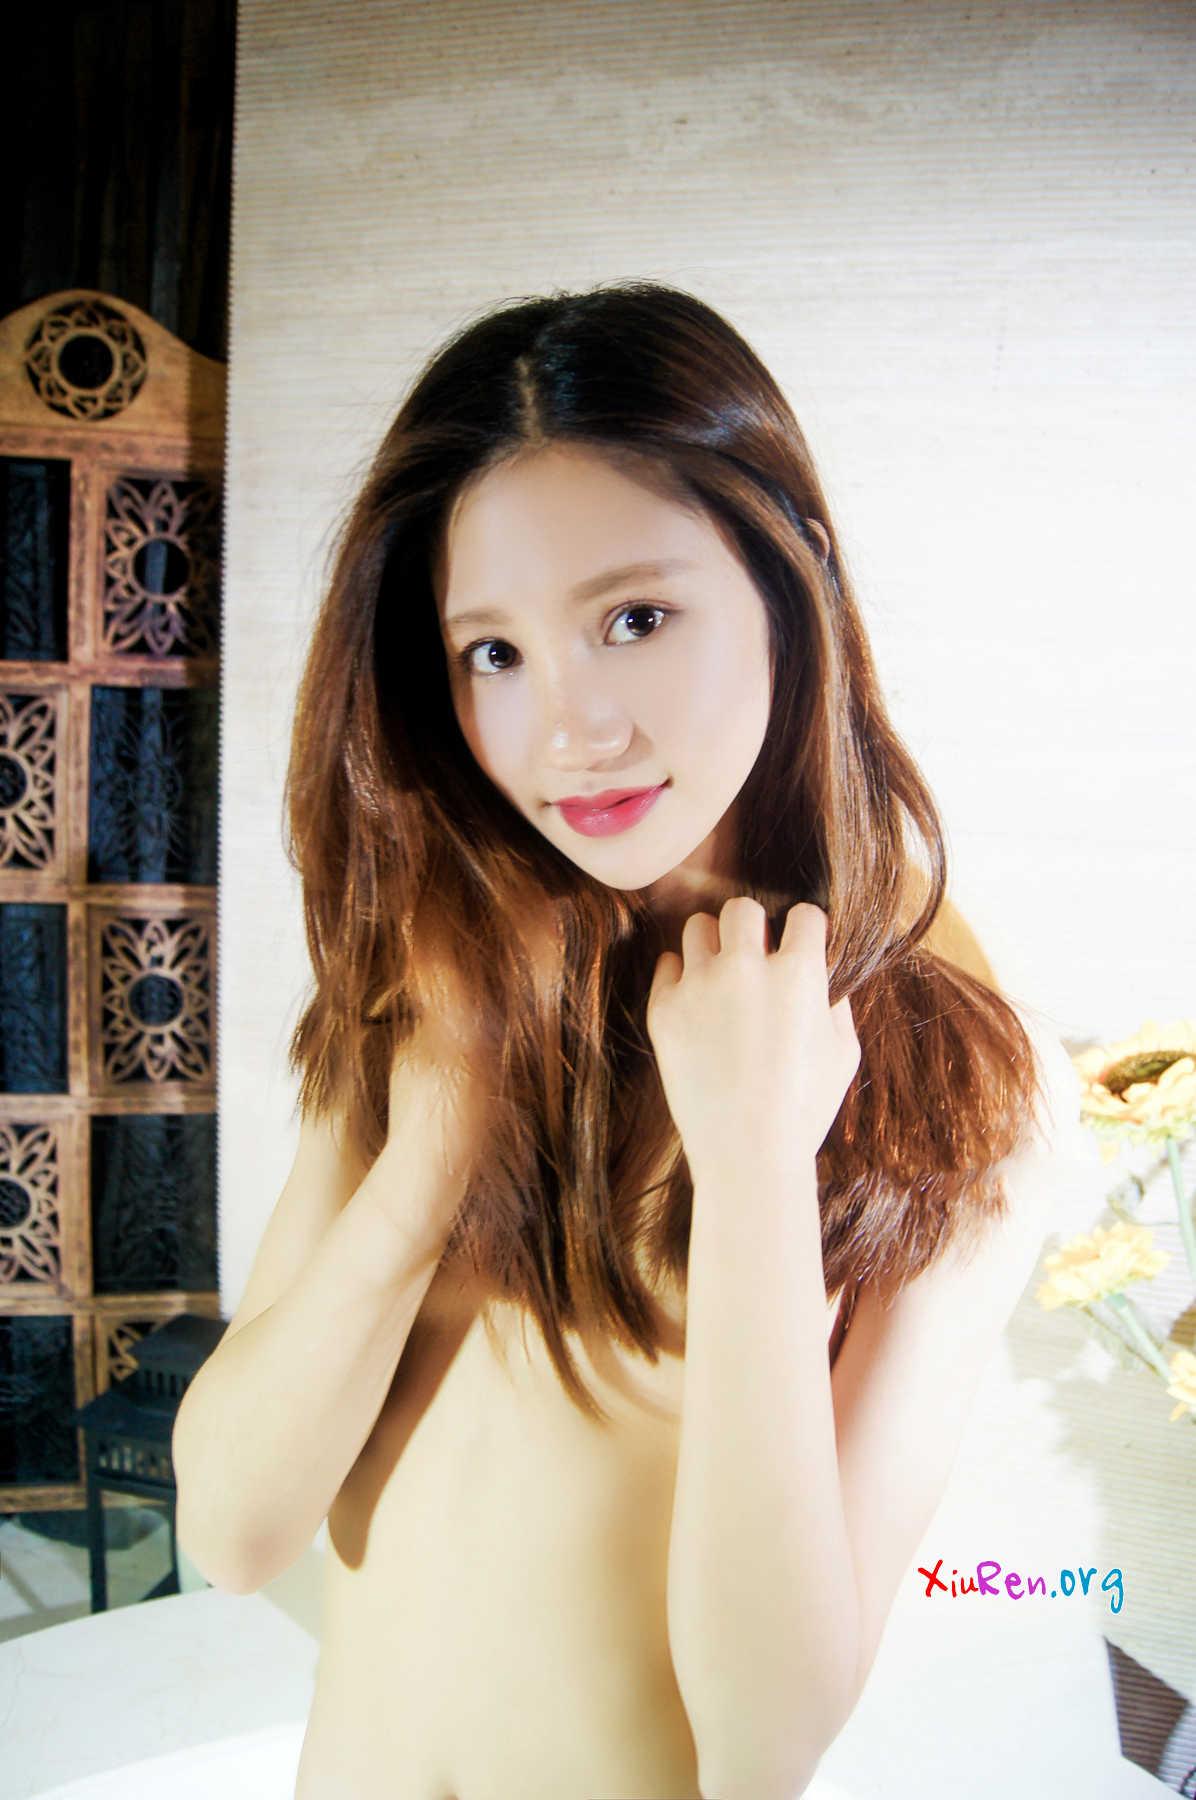 Image Result For Xiuren Hot Girl